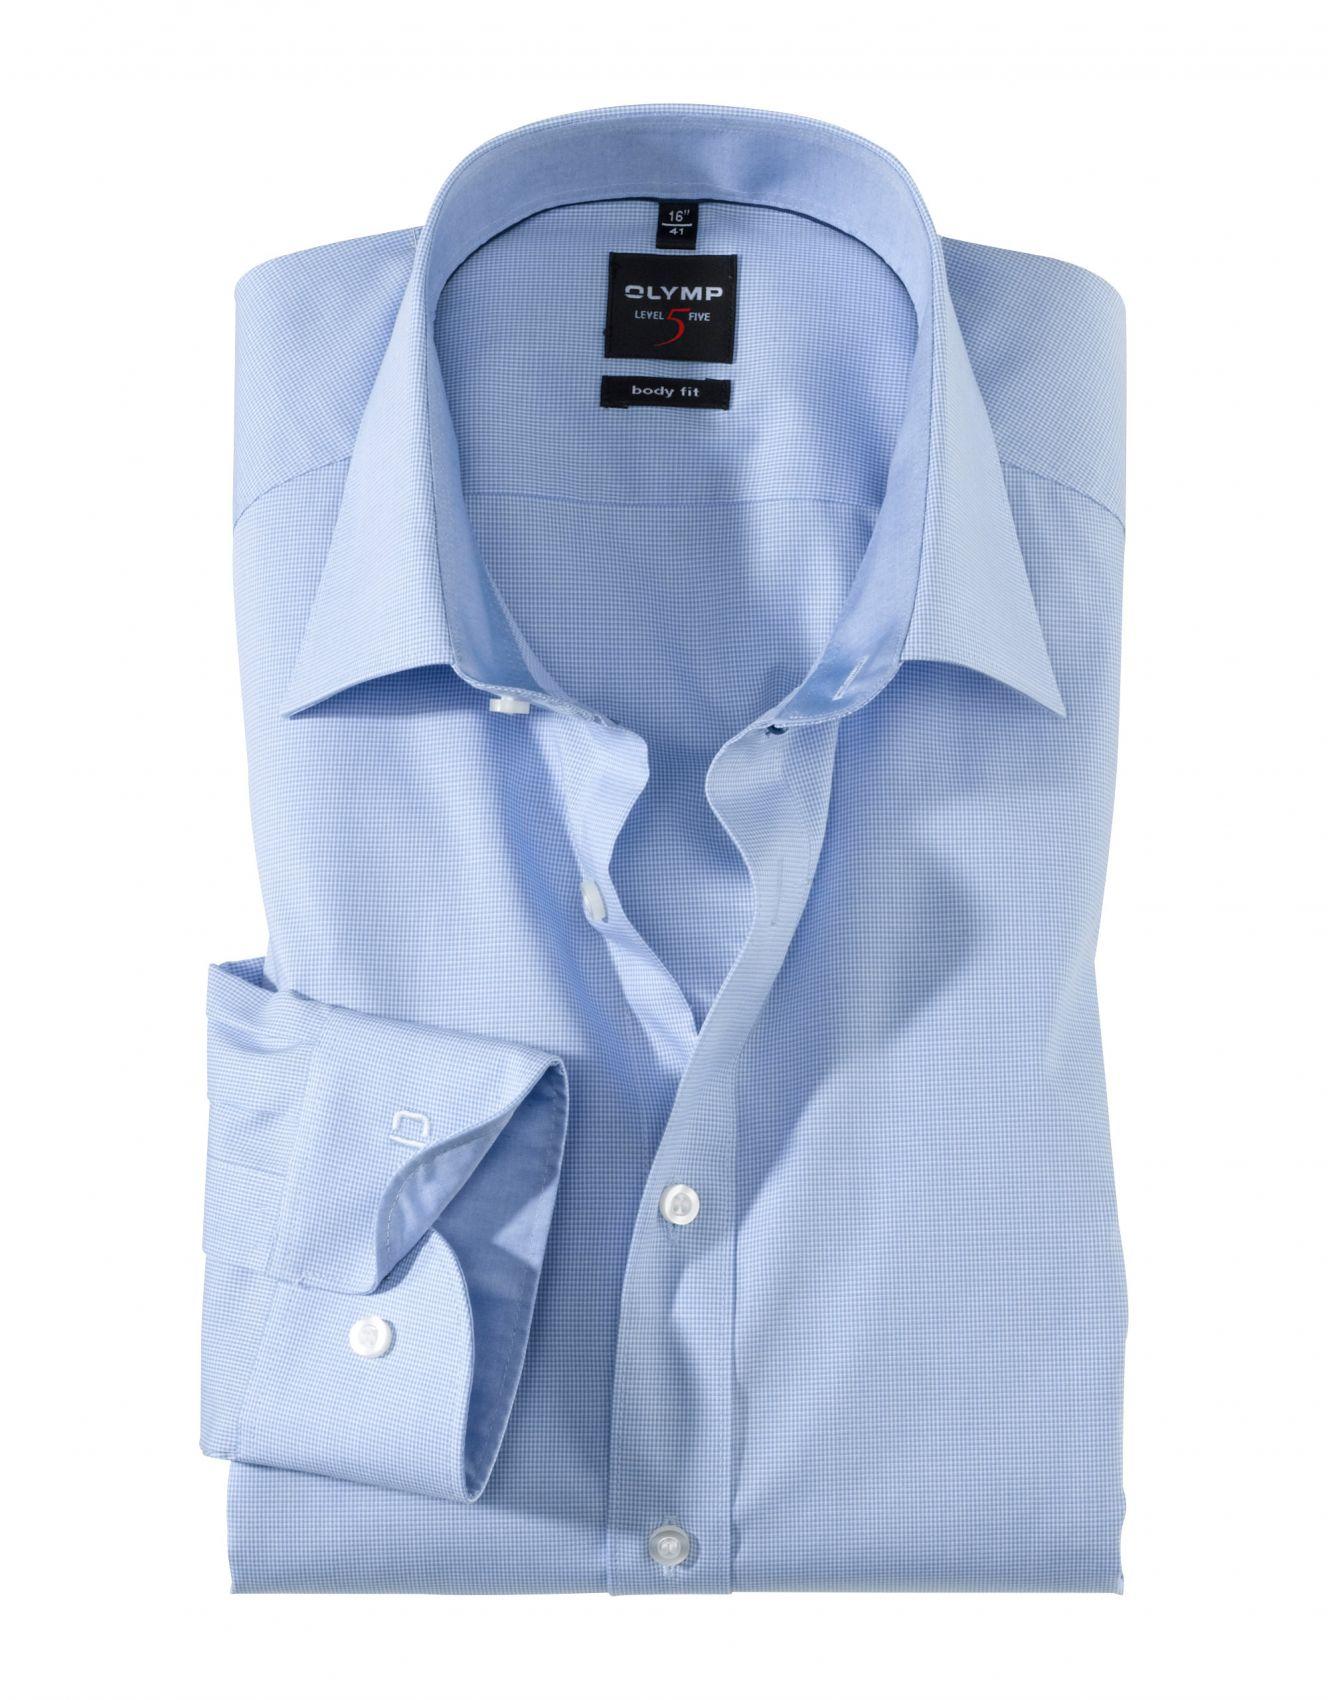 OLYMP COMFORT FIT - Camicia elegante marine